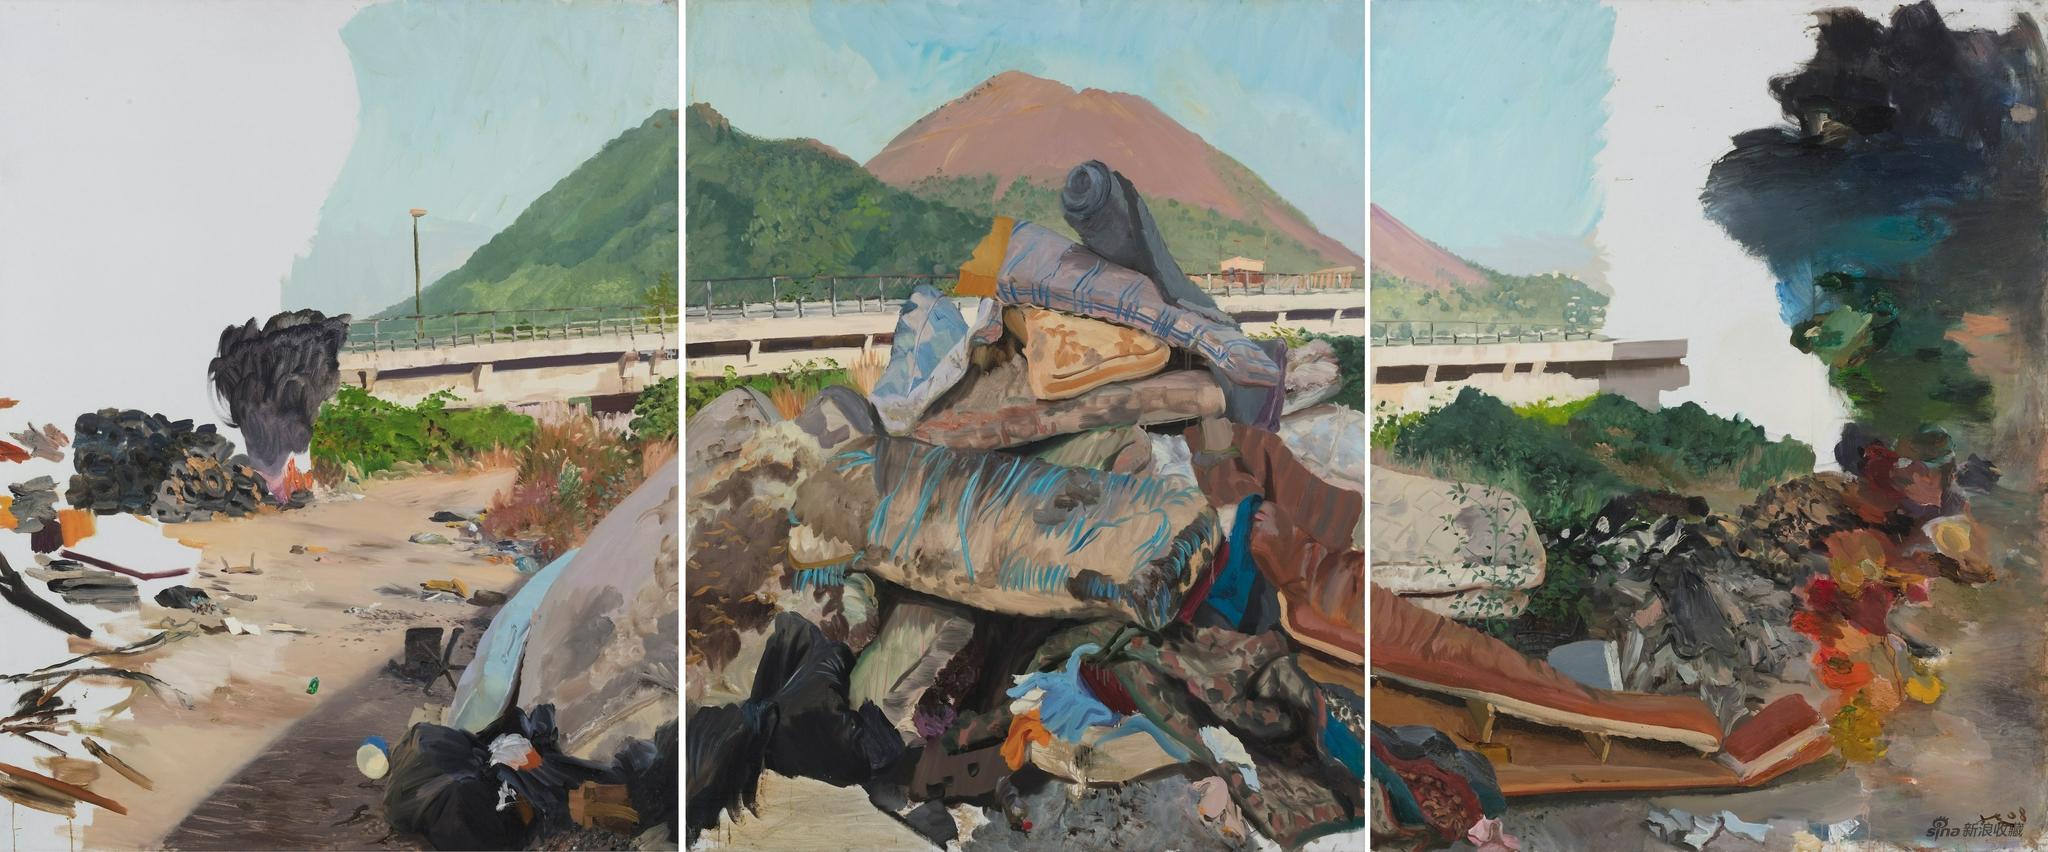 刘小东|Liu Xiaodong 《上火(三联画)》|Flame(Triptych) 布面油画 |Oil on canvas,250 × 600 cm,2008 ?艺术家和华艺国际拍卖